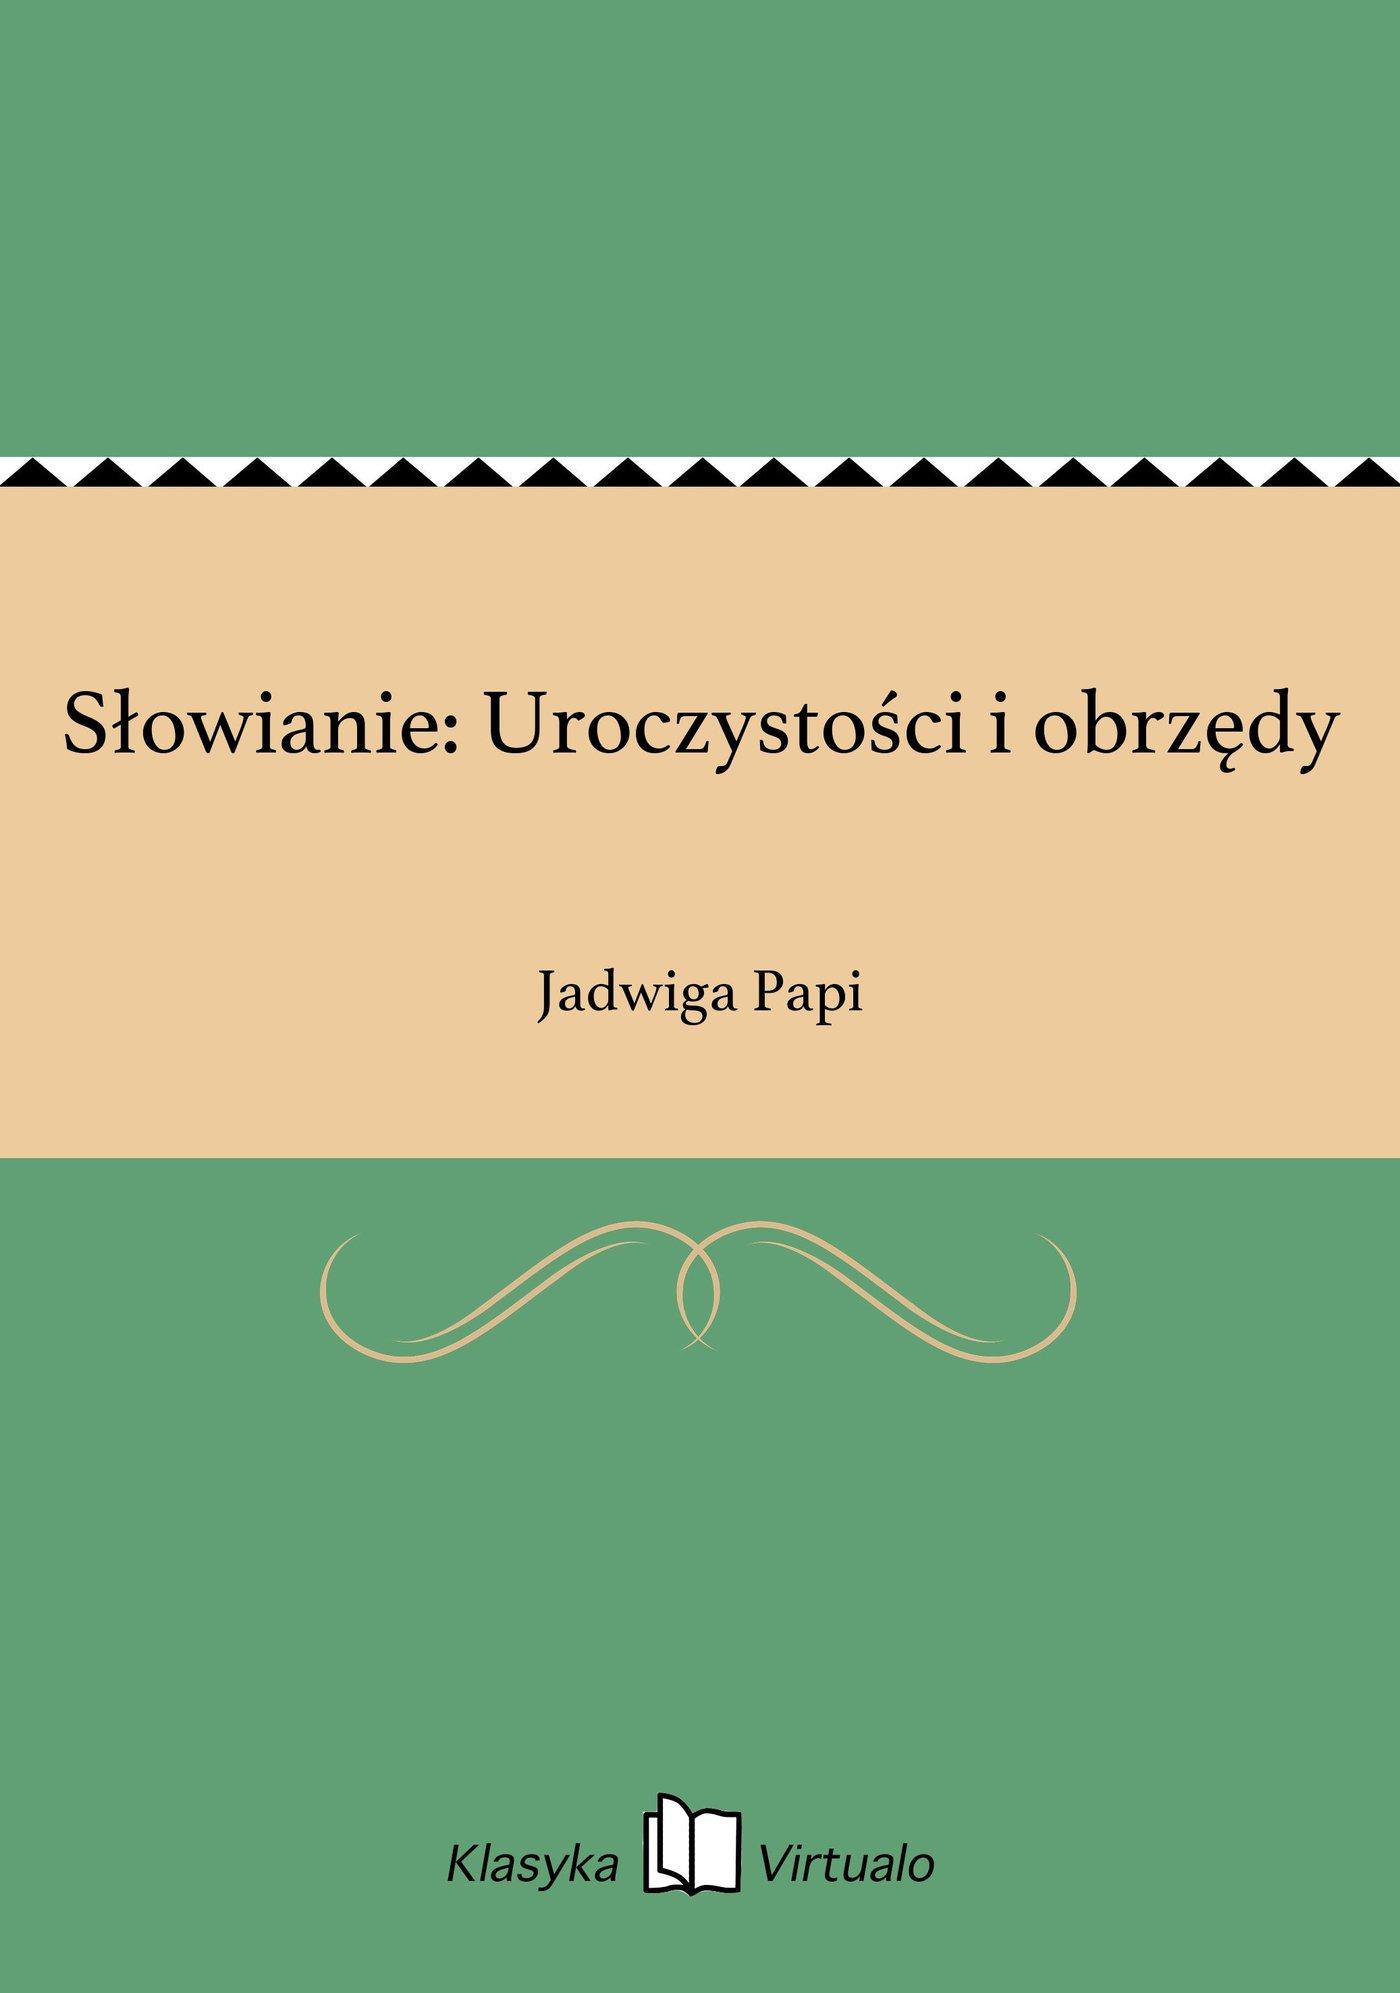 Słowianie: Uroczystości i obrzędy - Ebook (Książka EPUB) do pobrania w formacie EPUB